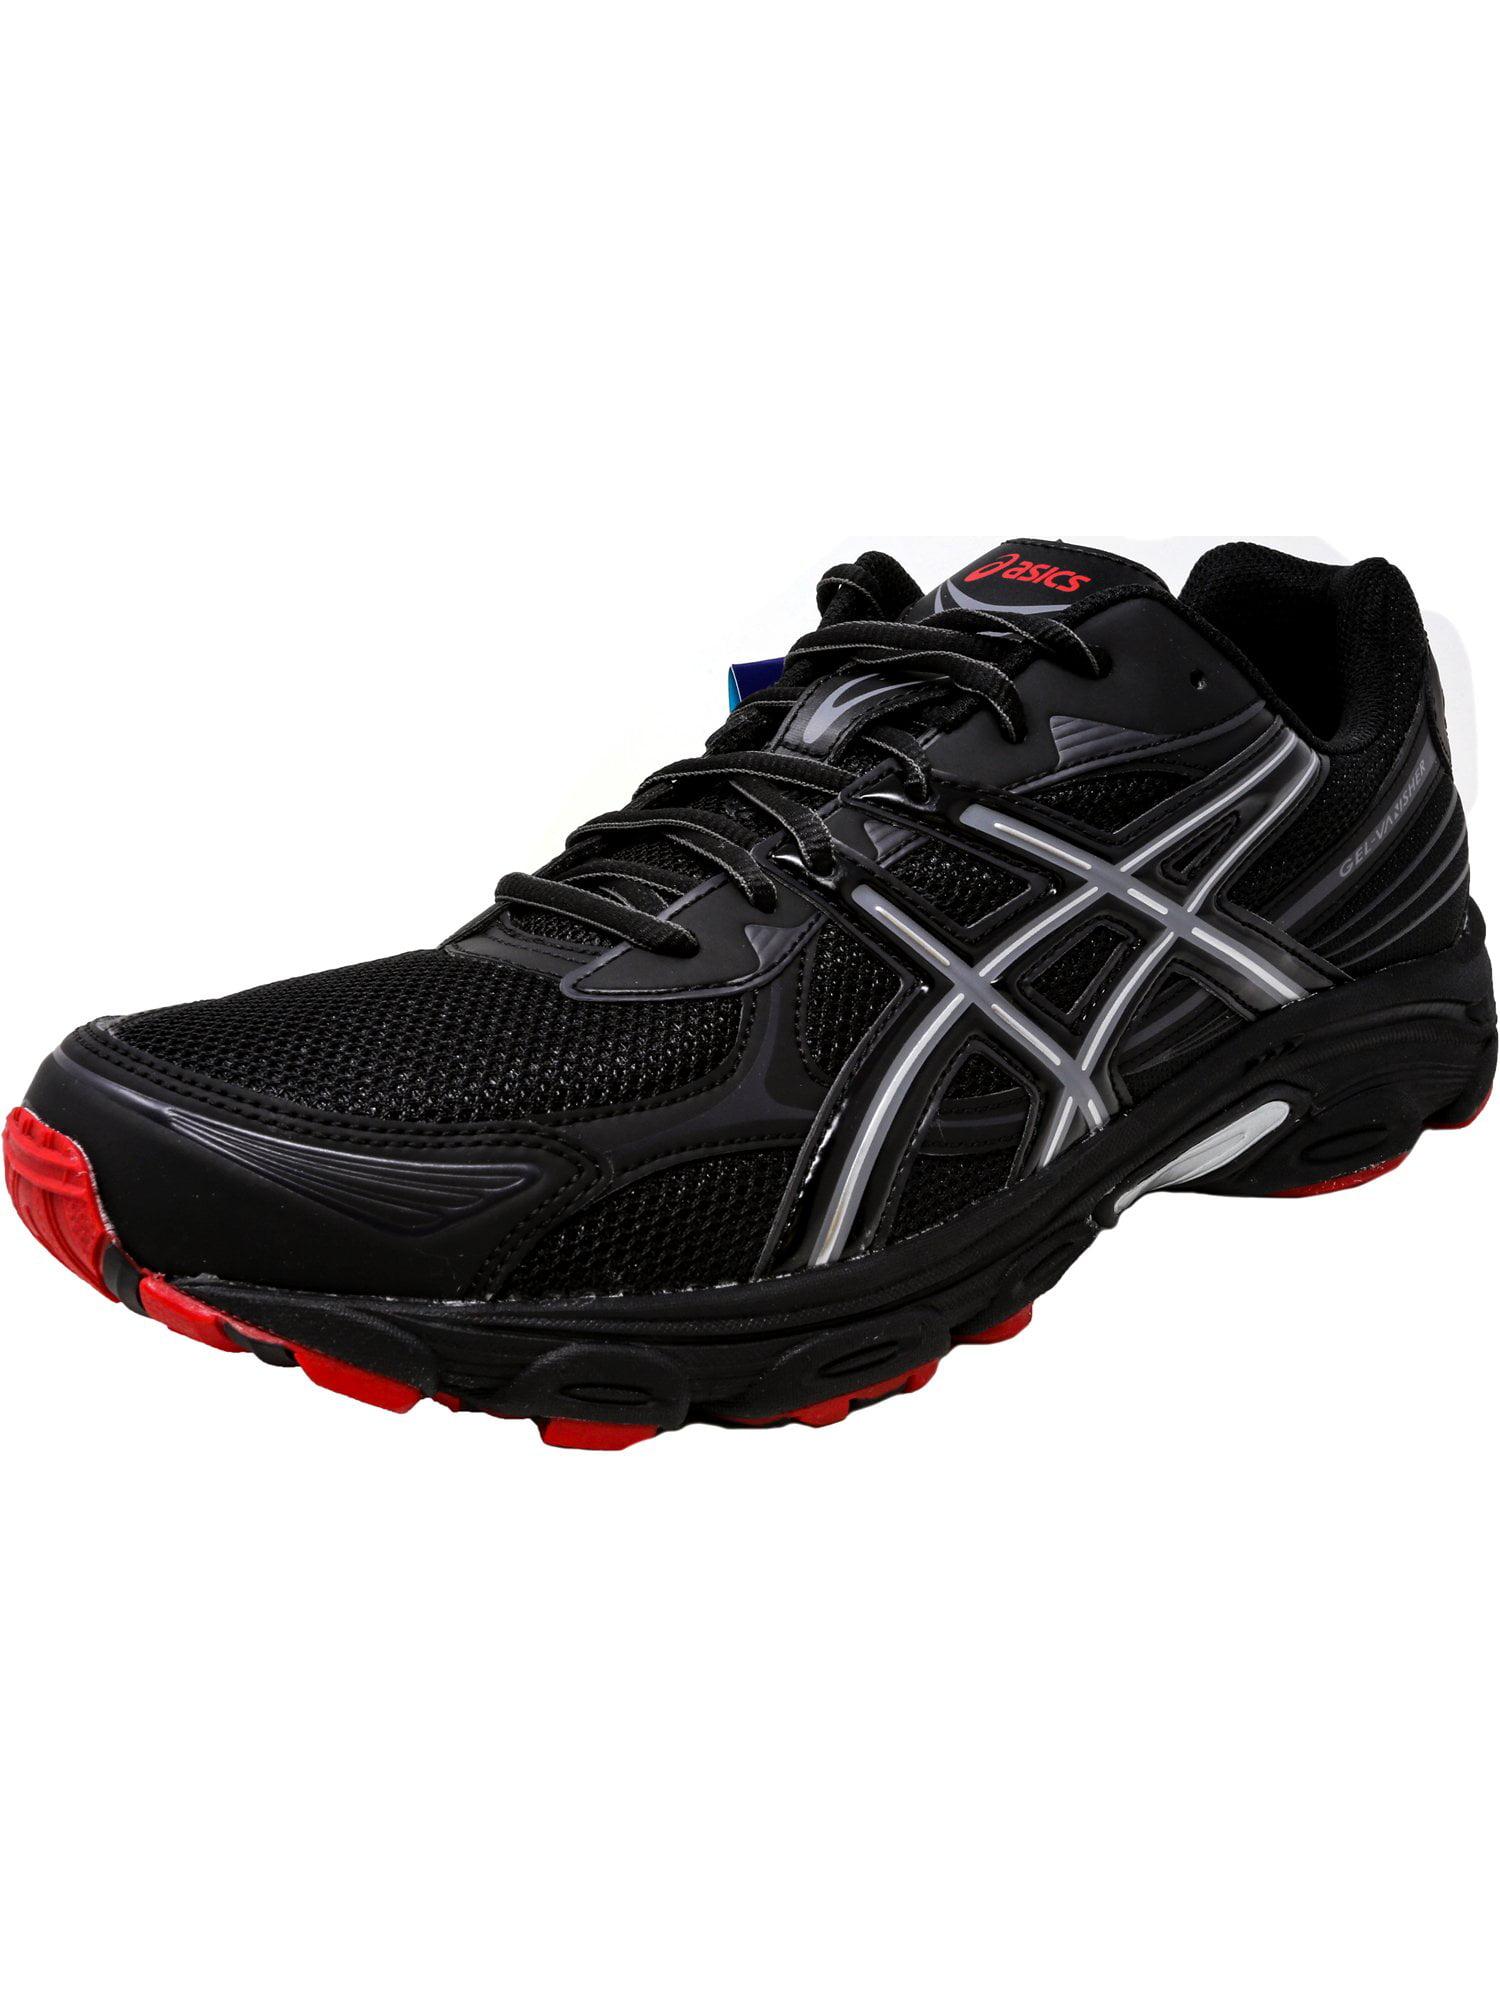 Asics Men's Gel-Vanisher Carbon / Black Neon Lime Ankle-High Running Shoe - 13M